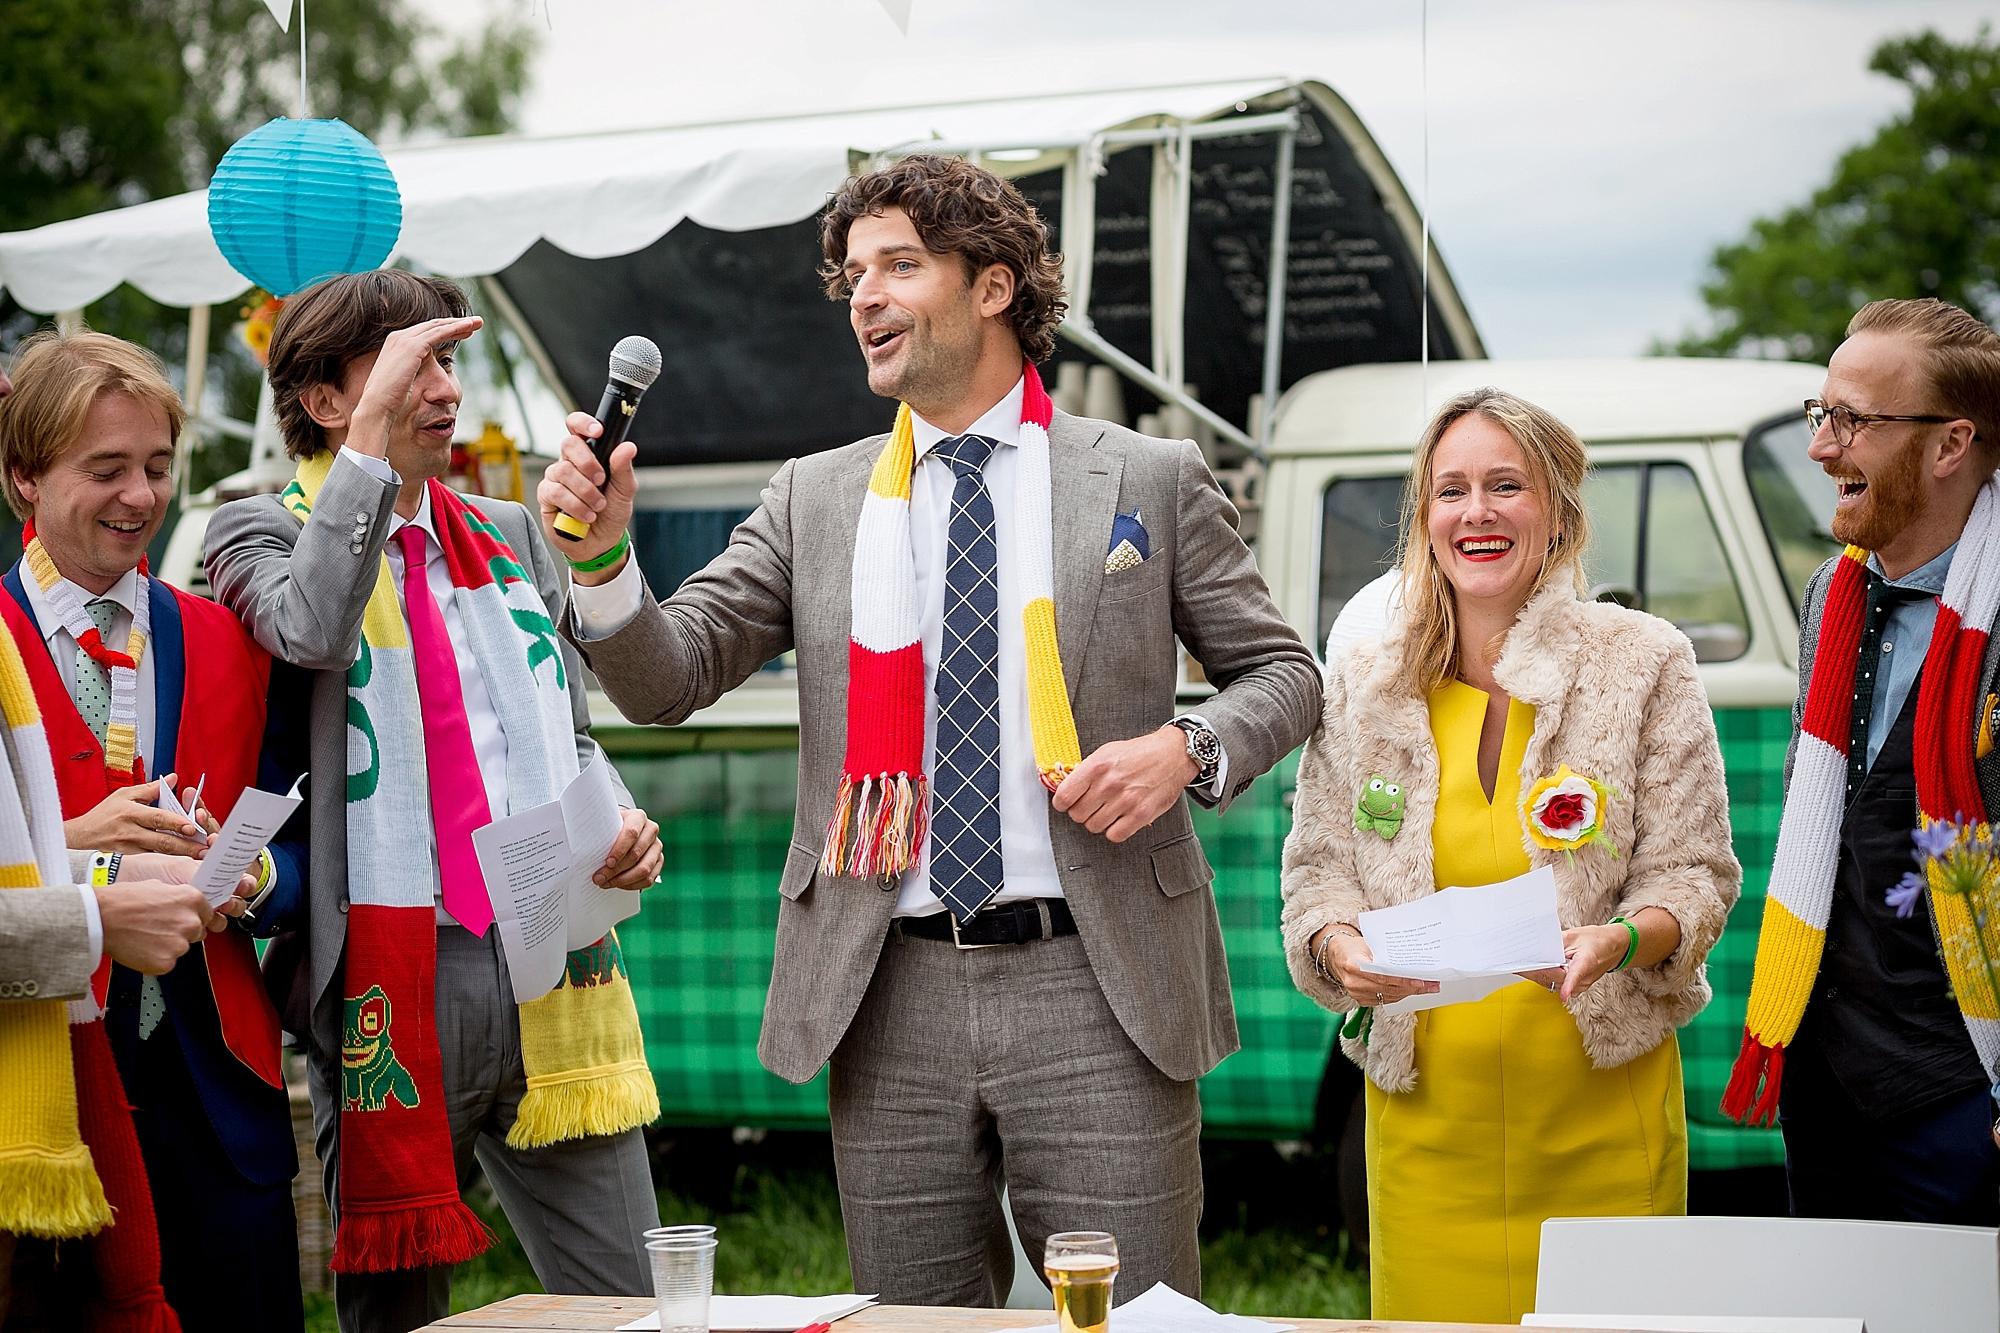 bruidsfotograaf-brabant-trouwen-in-het-bos-festivalbruiloft-vught-haaren_0105.jpg